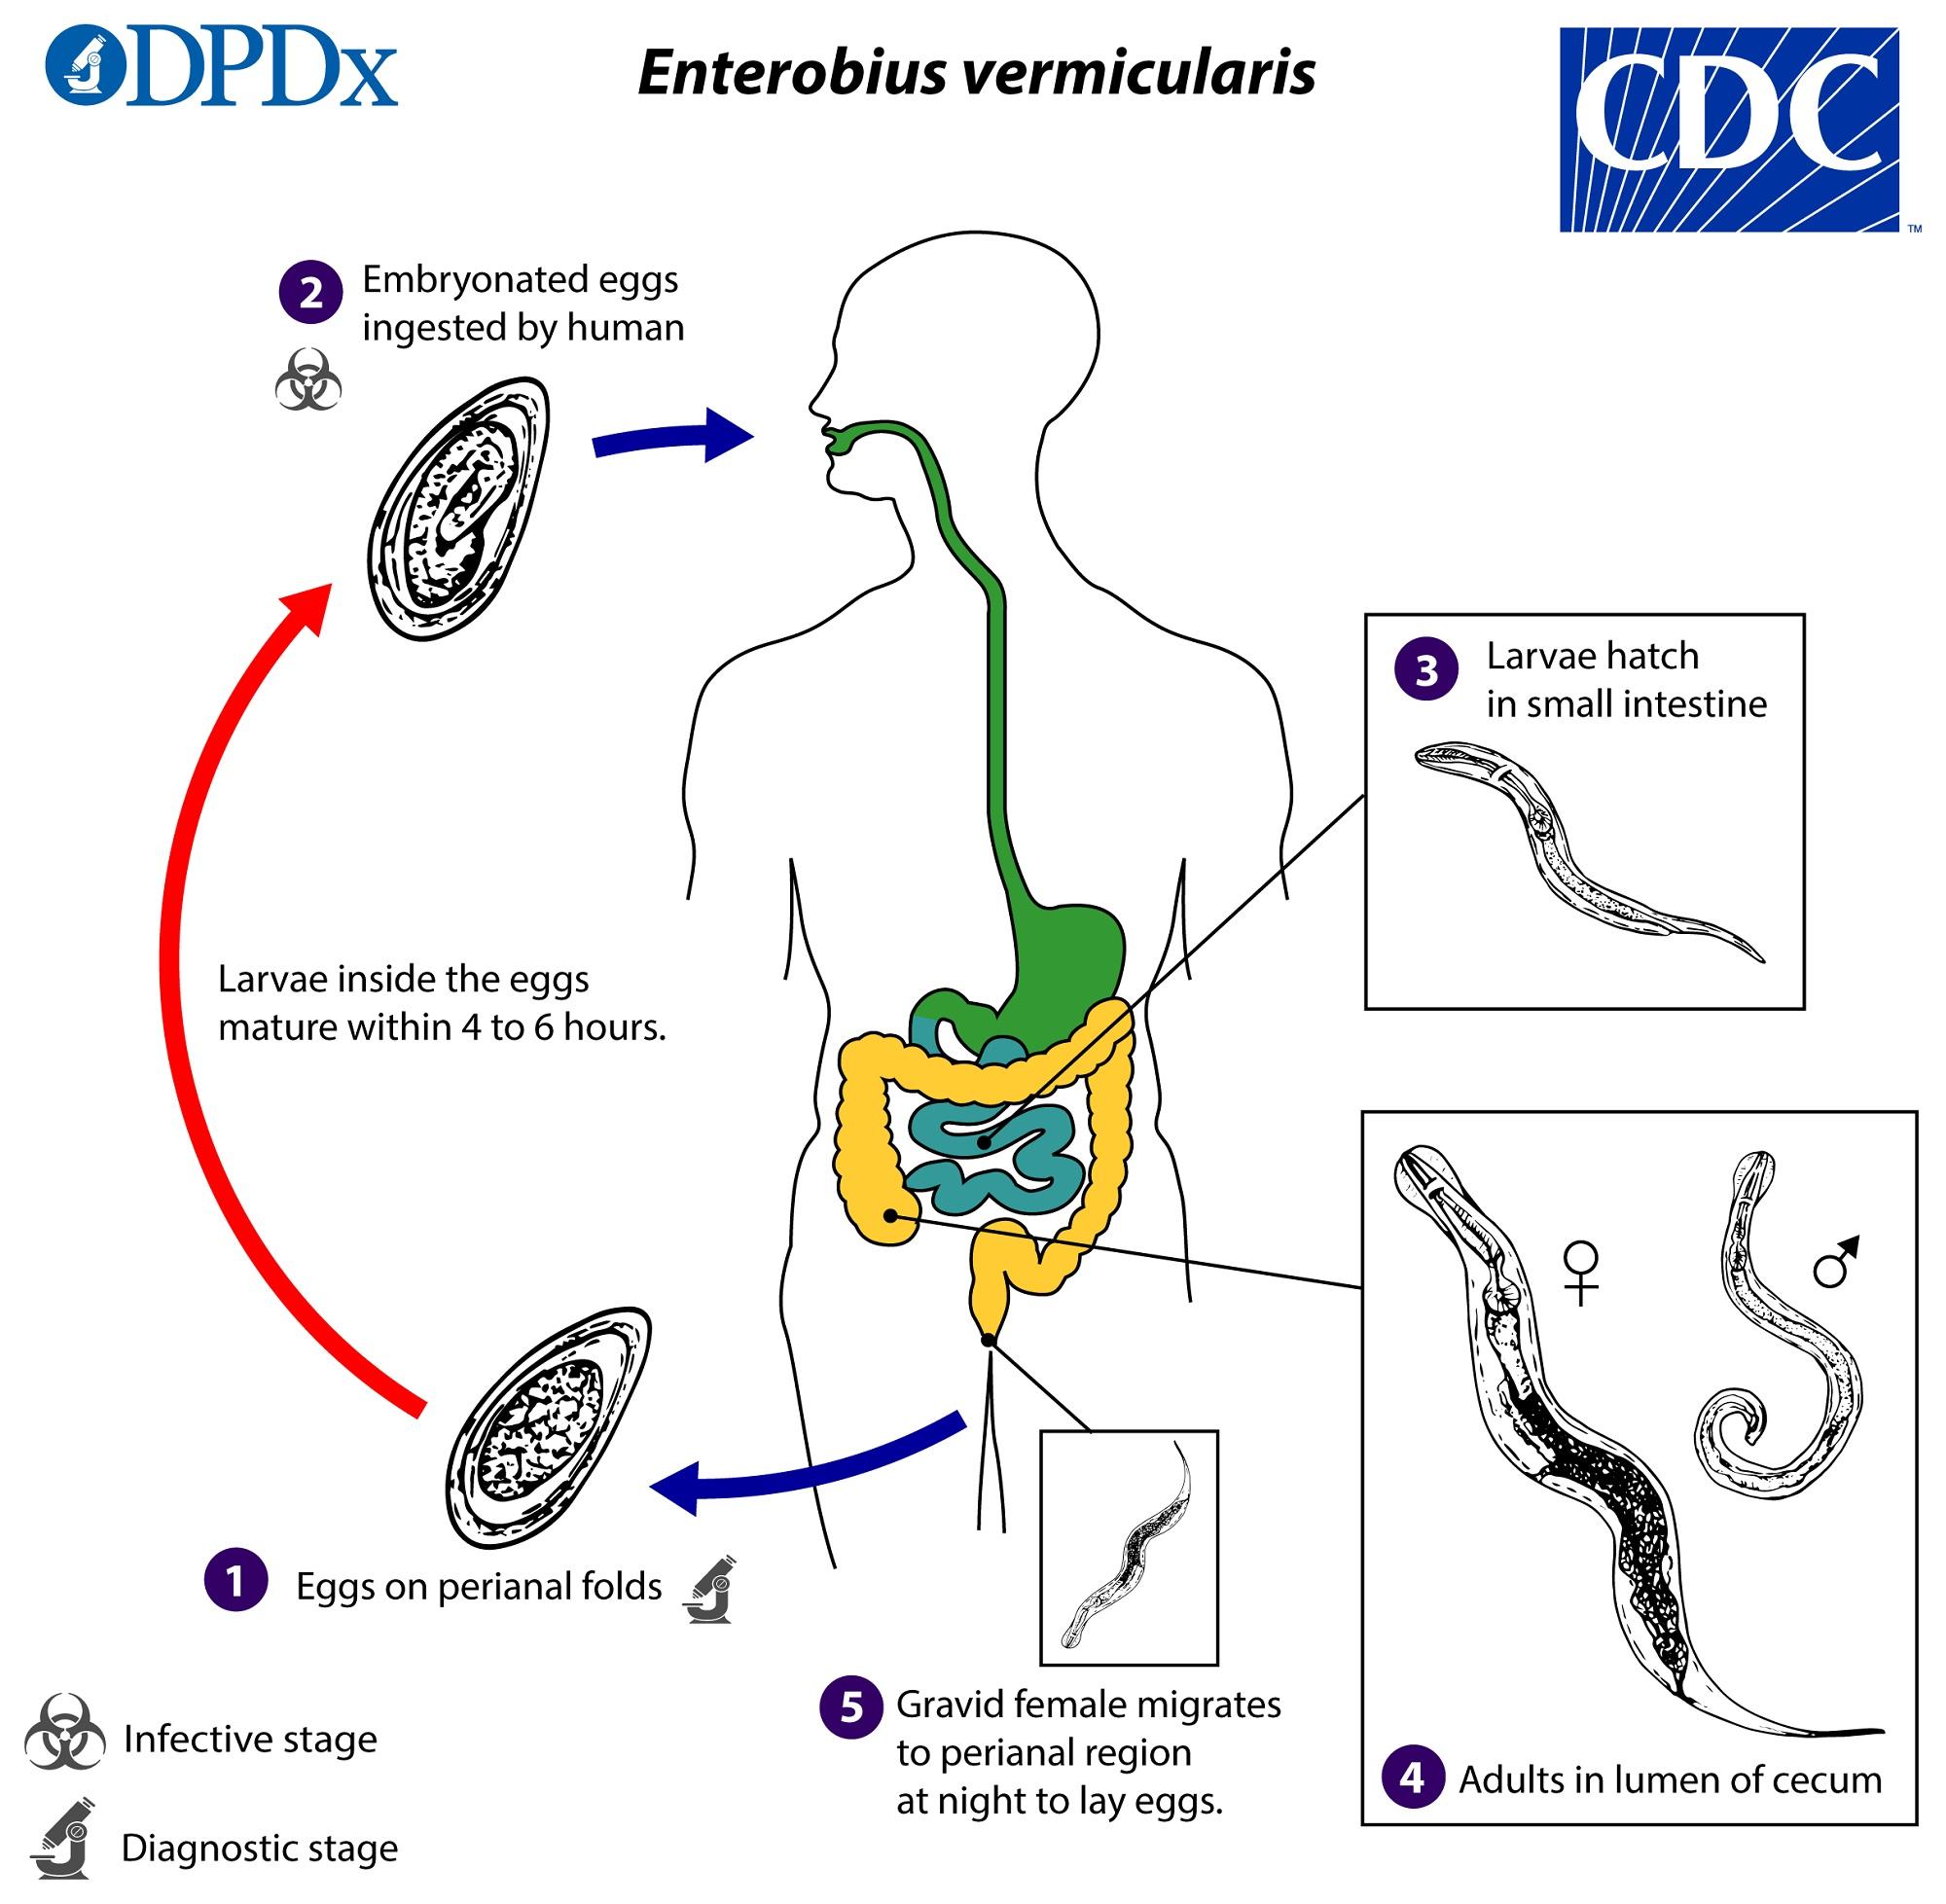 Az enterobiasis jelei - Az enterobiasis megelőzése. Bélféreg: okok, tünetek, kezelés